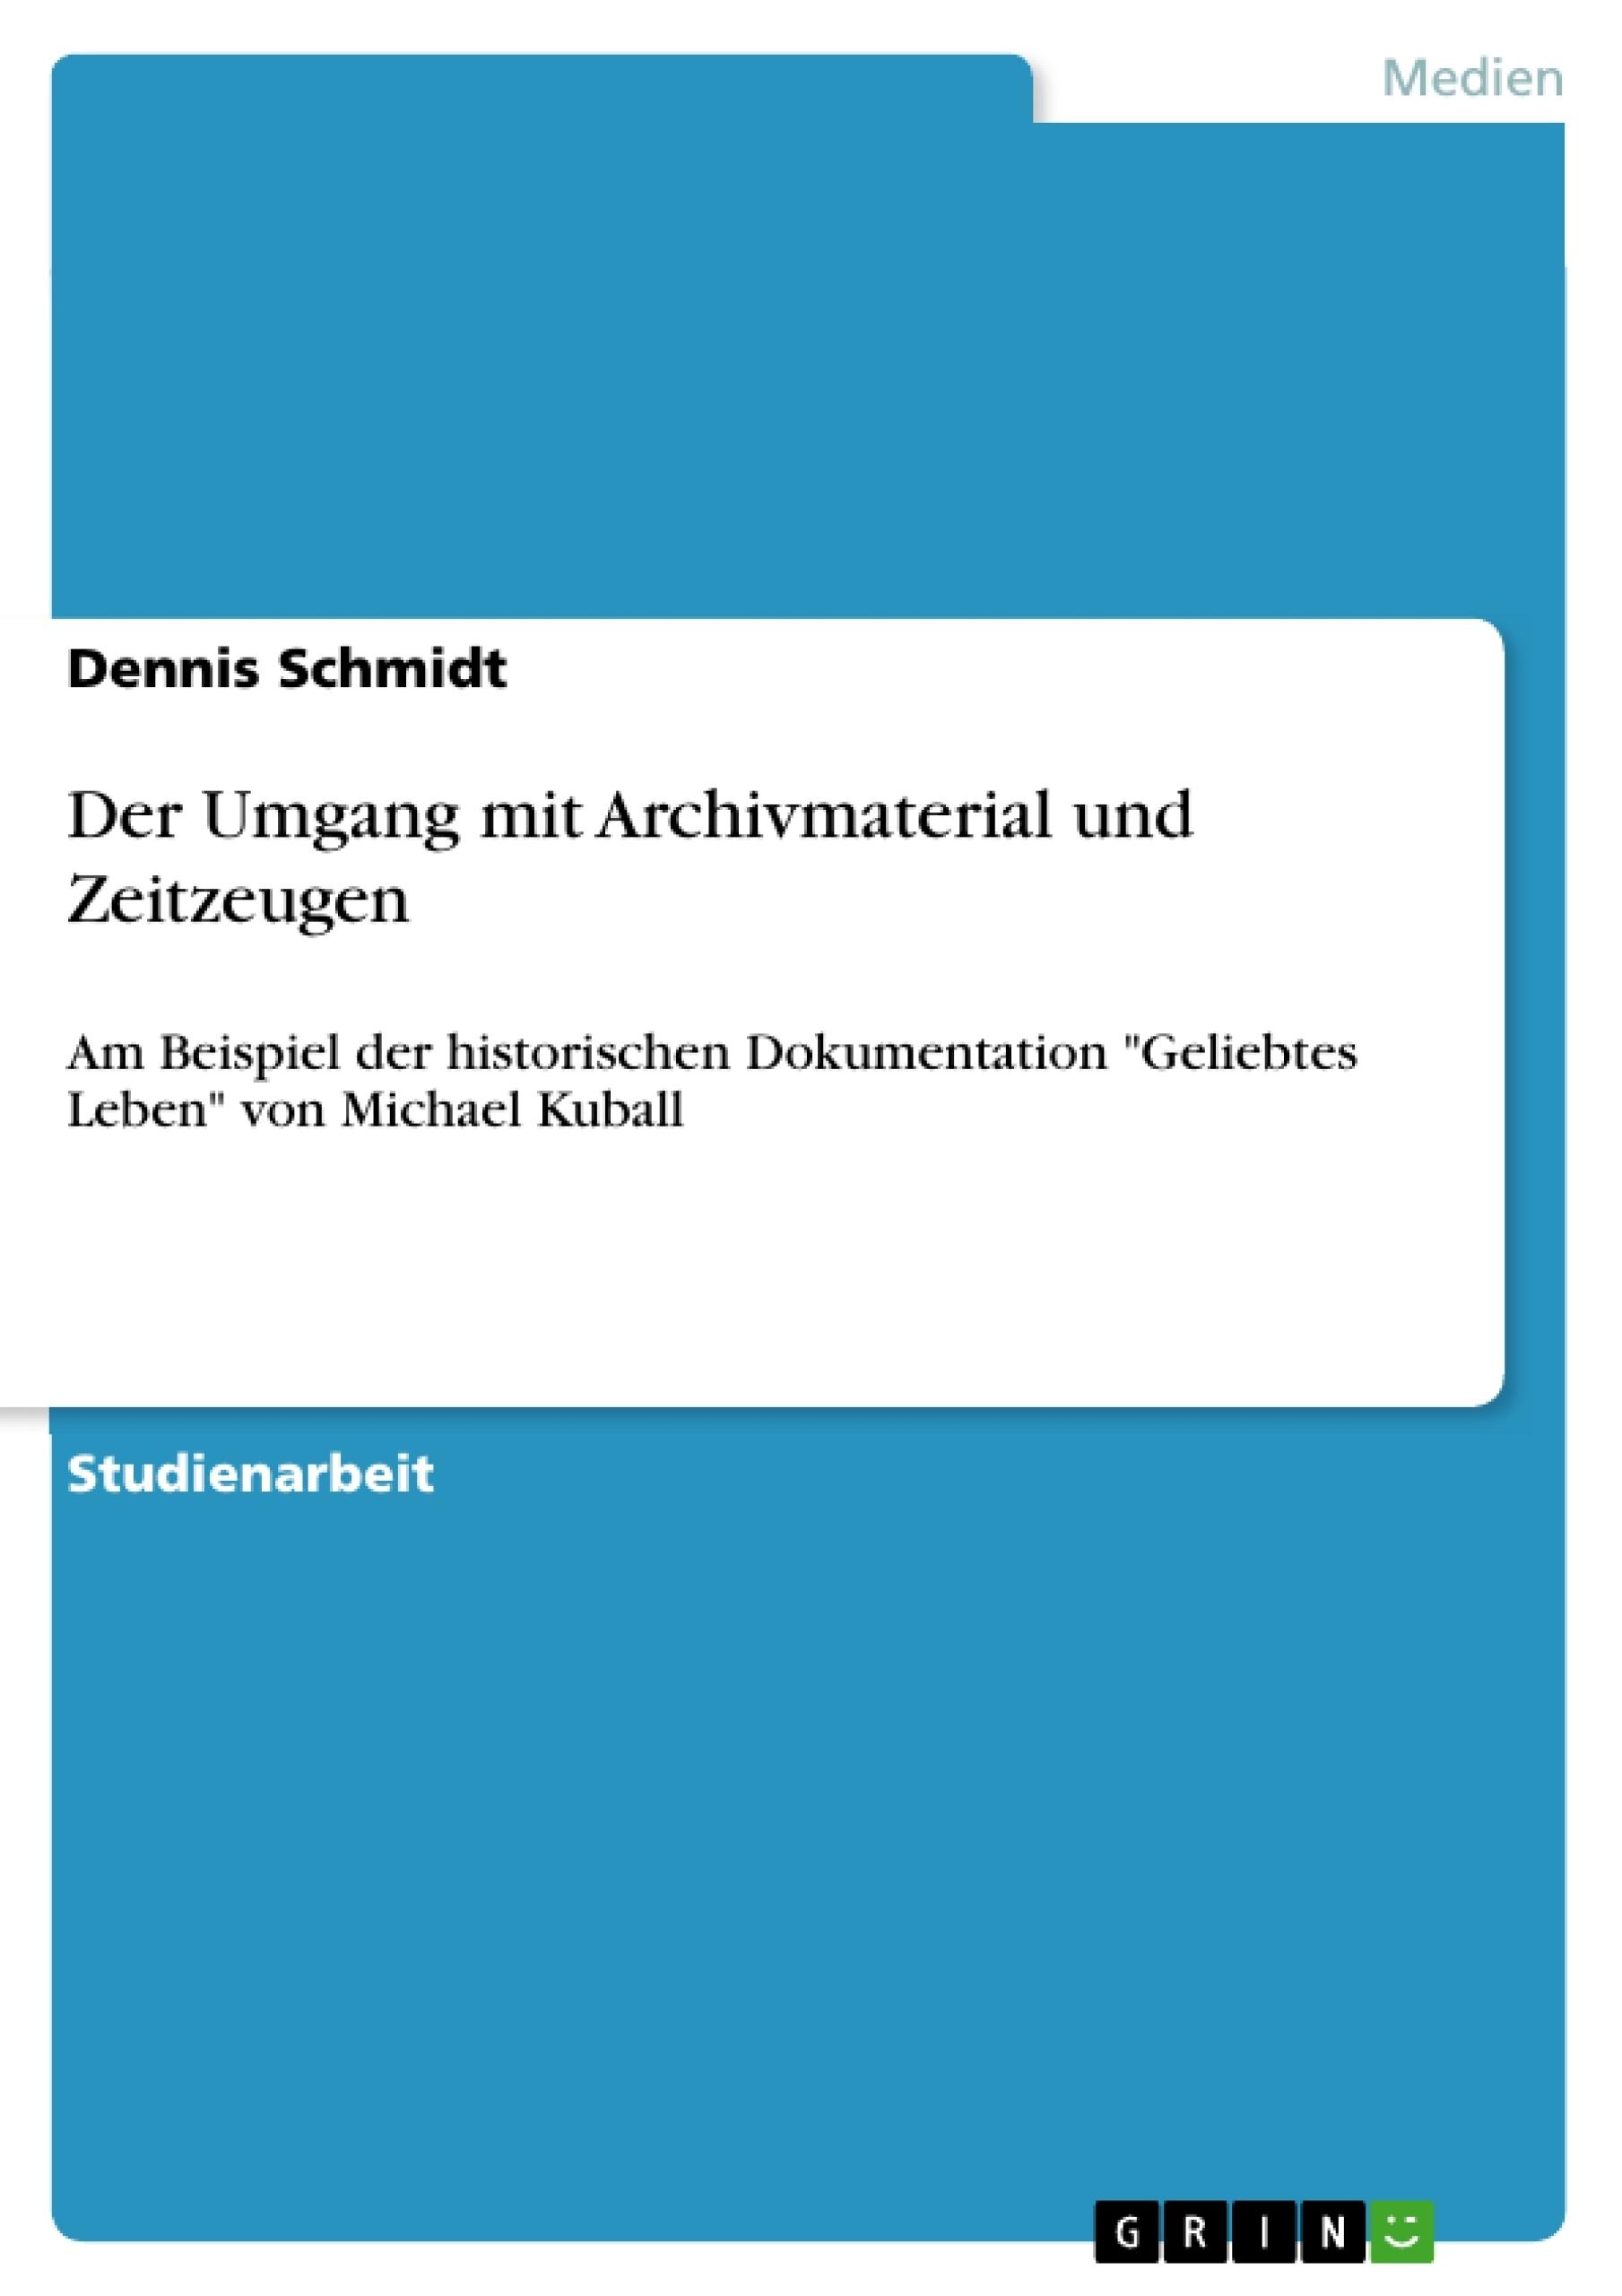 Titel: Der Umgang mit Archivmaterial und Zeitzeugen